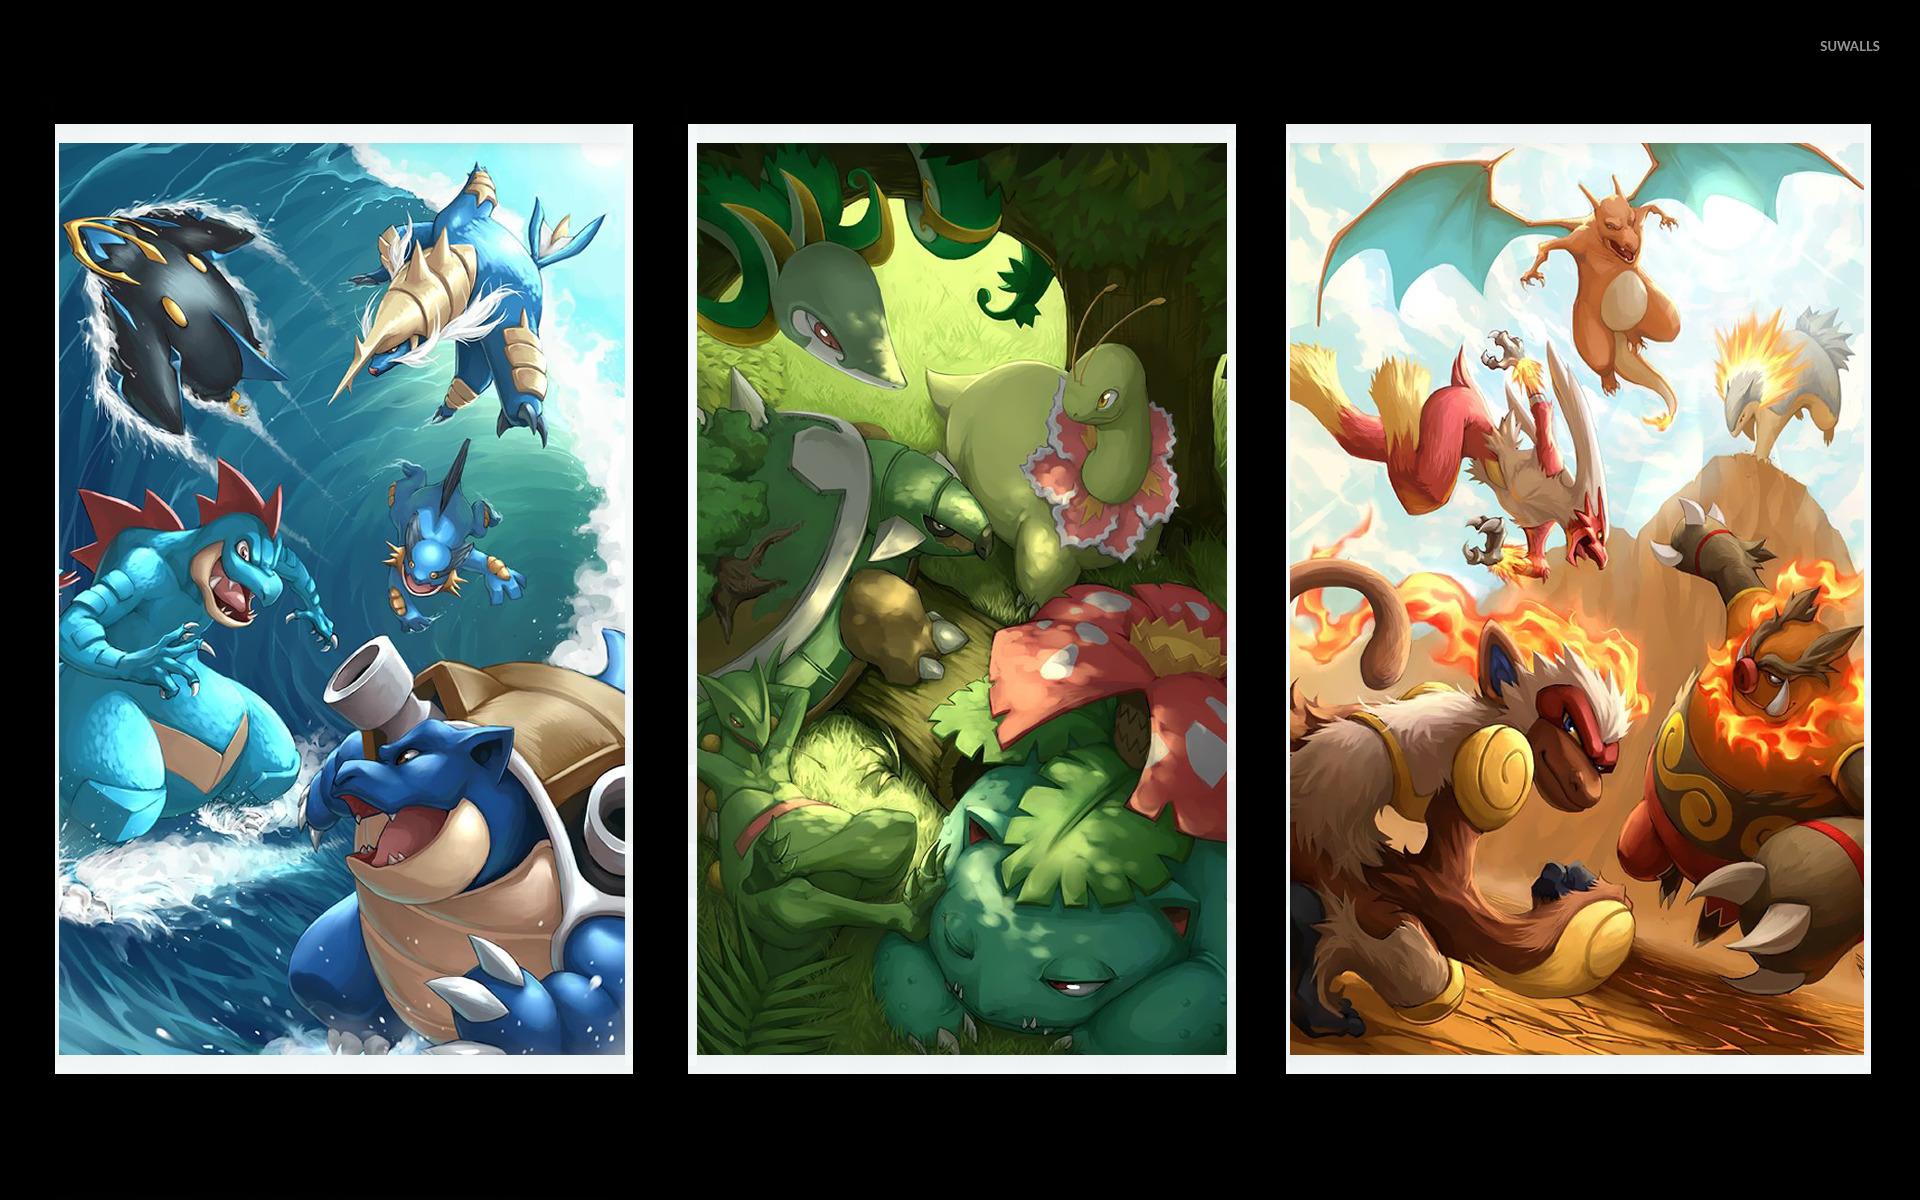 Pokemon Mobile Image Is 4K Wallpaper > Yodobi |Starter Pokemon Phone Wallpaper